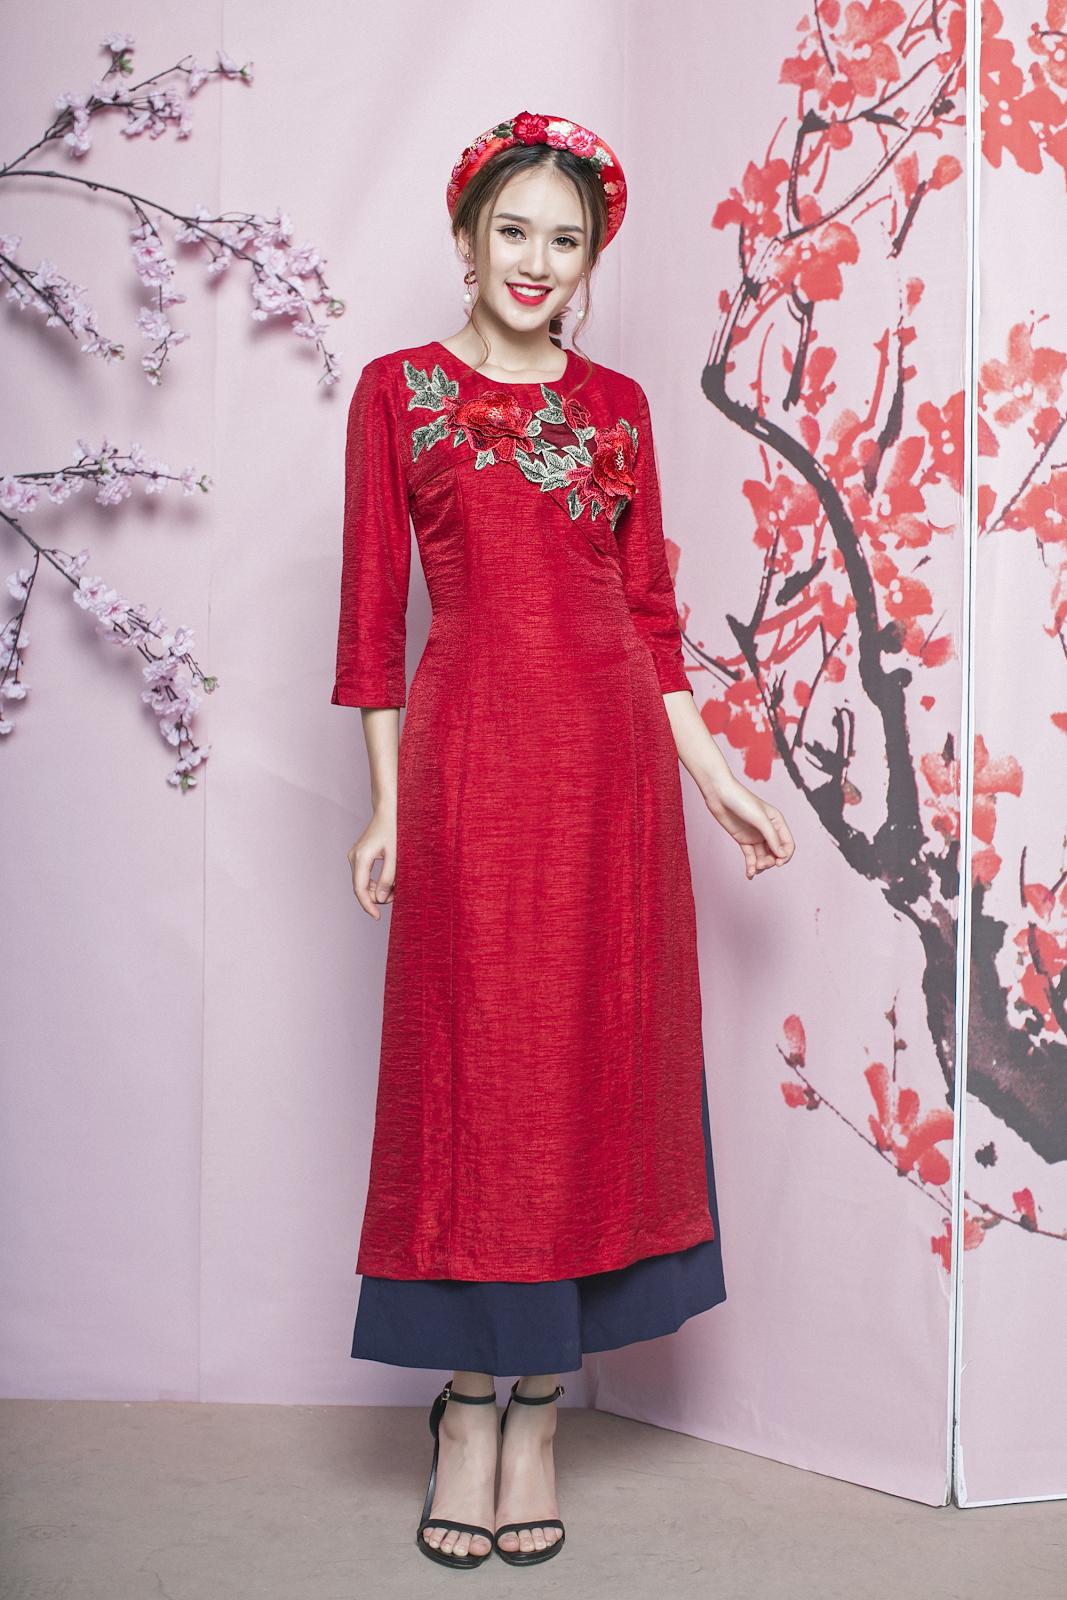 Màu sắc vải may áo dài phụ thuộc vào mục đích sử dụng của người mặc